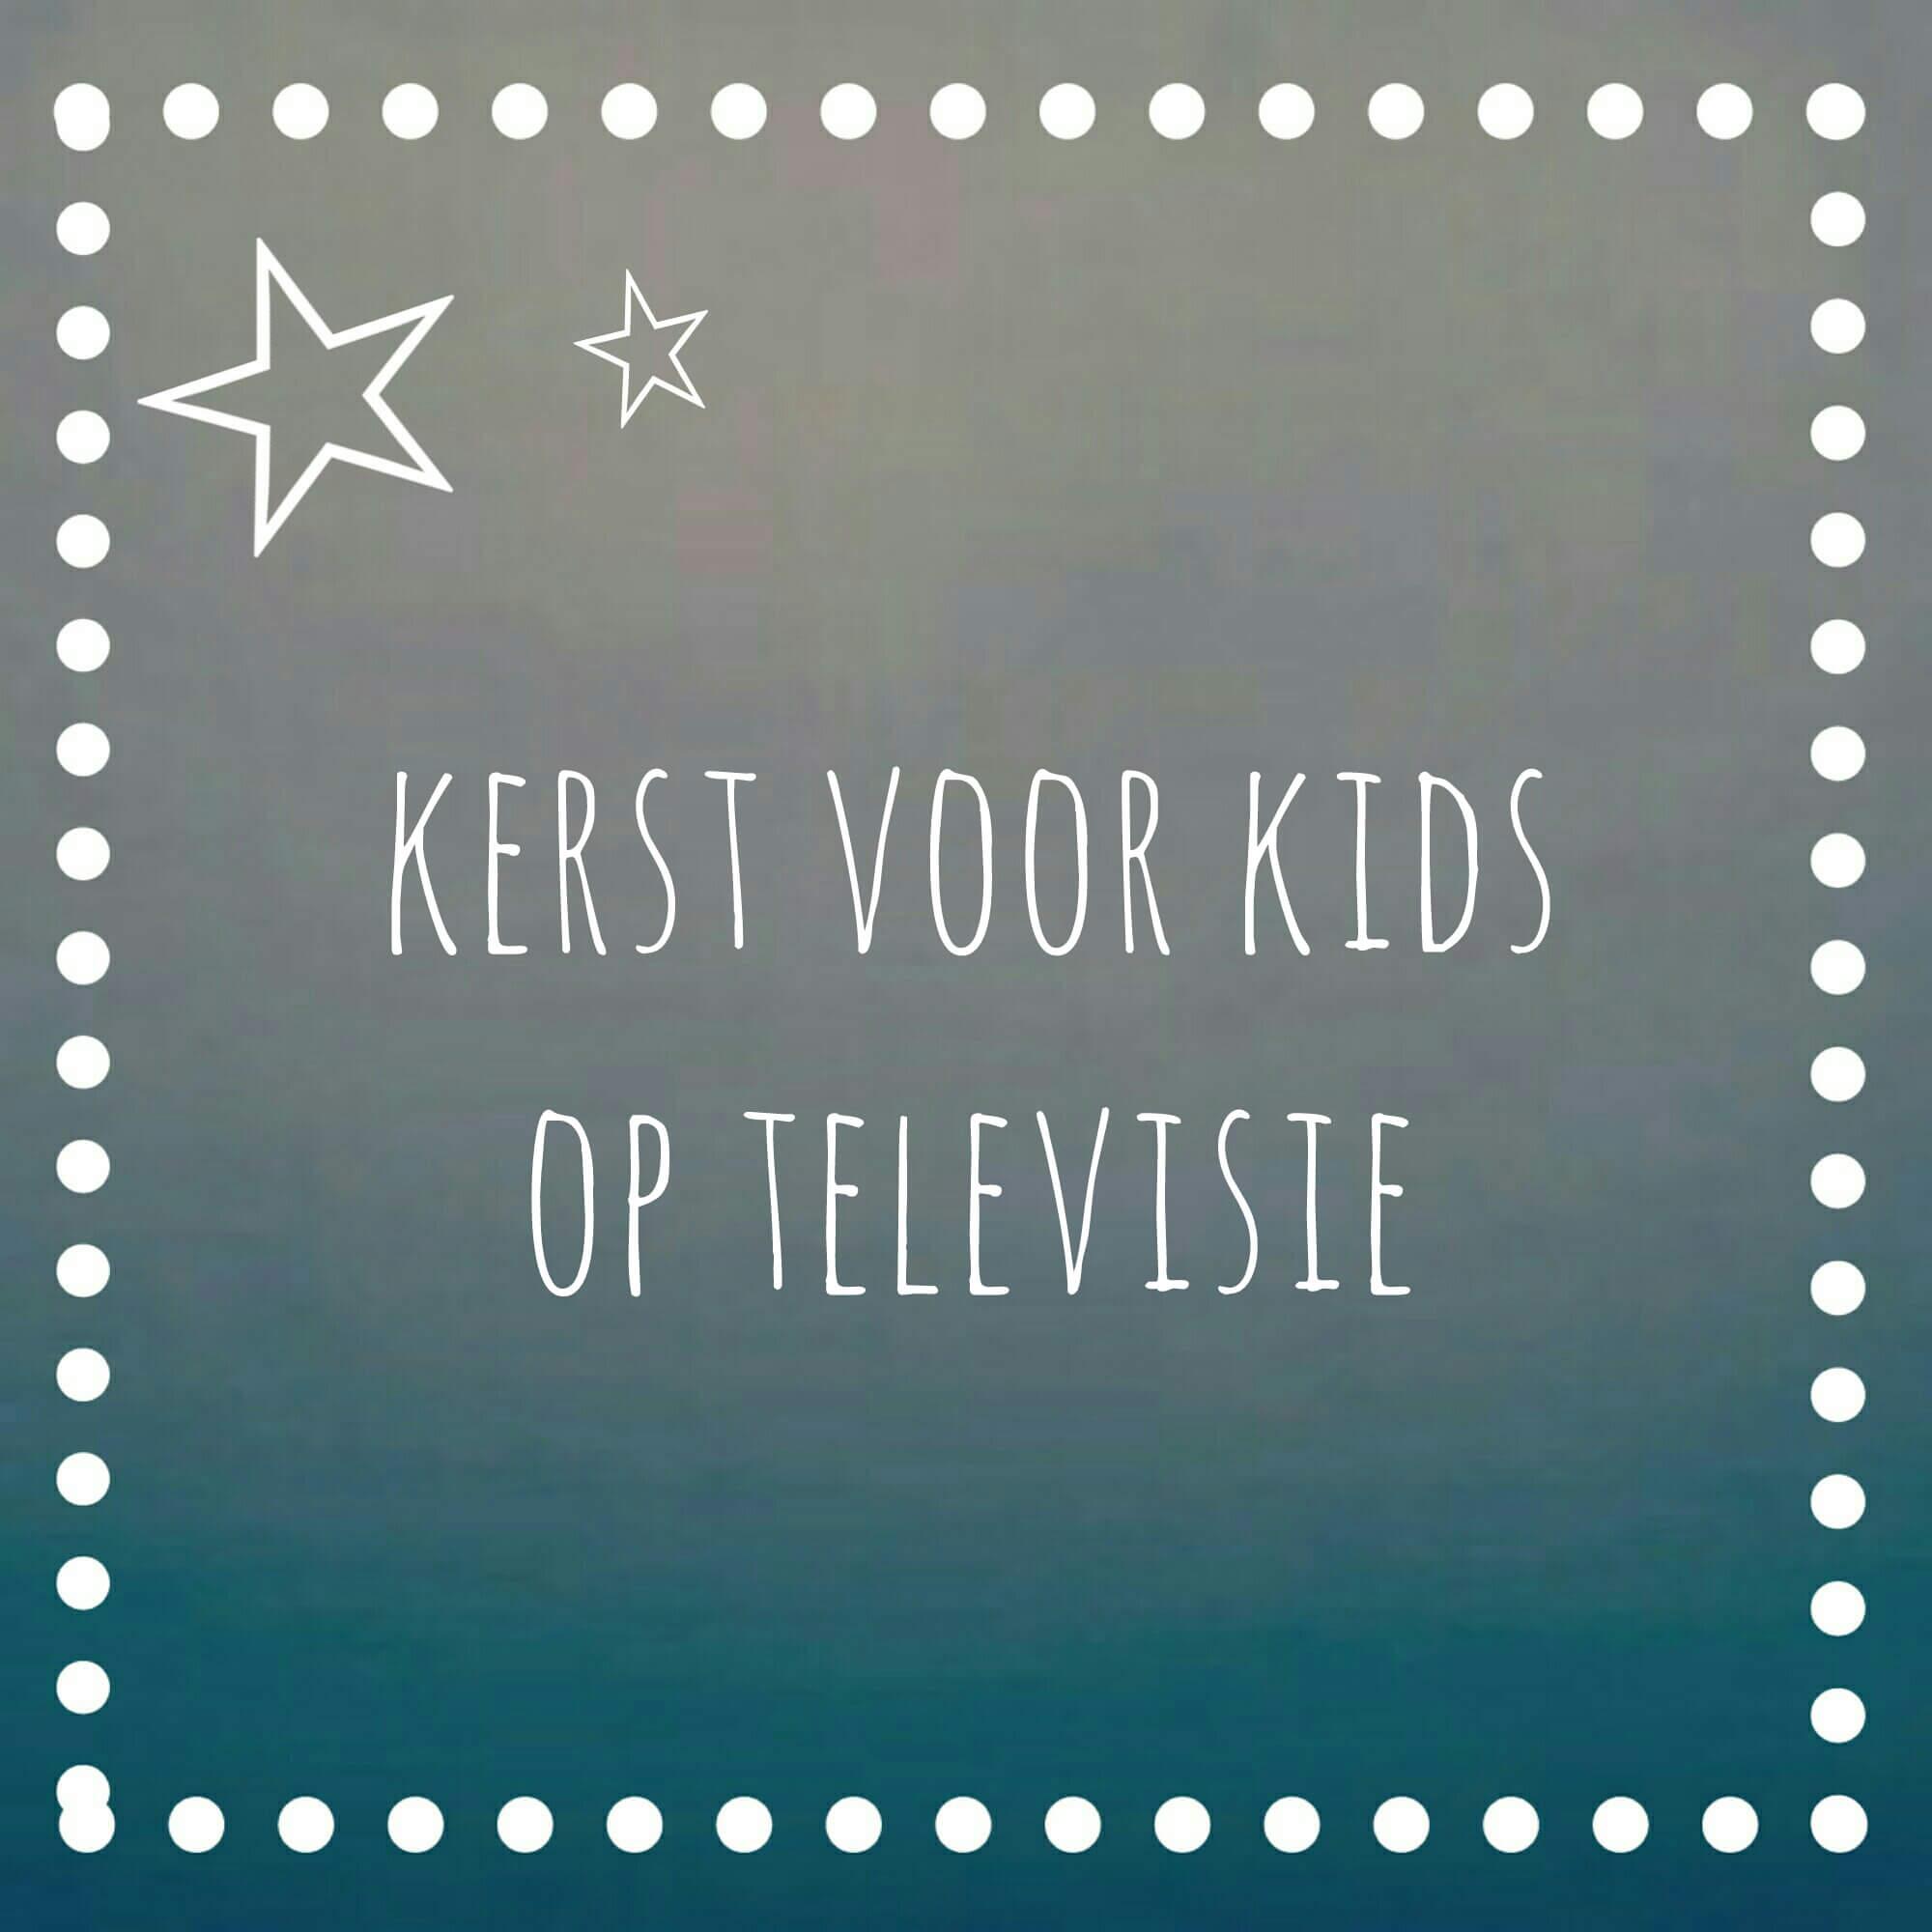 Kerst voor kids op televisie: de leukste kinderprogramma's